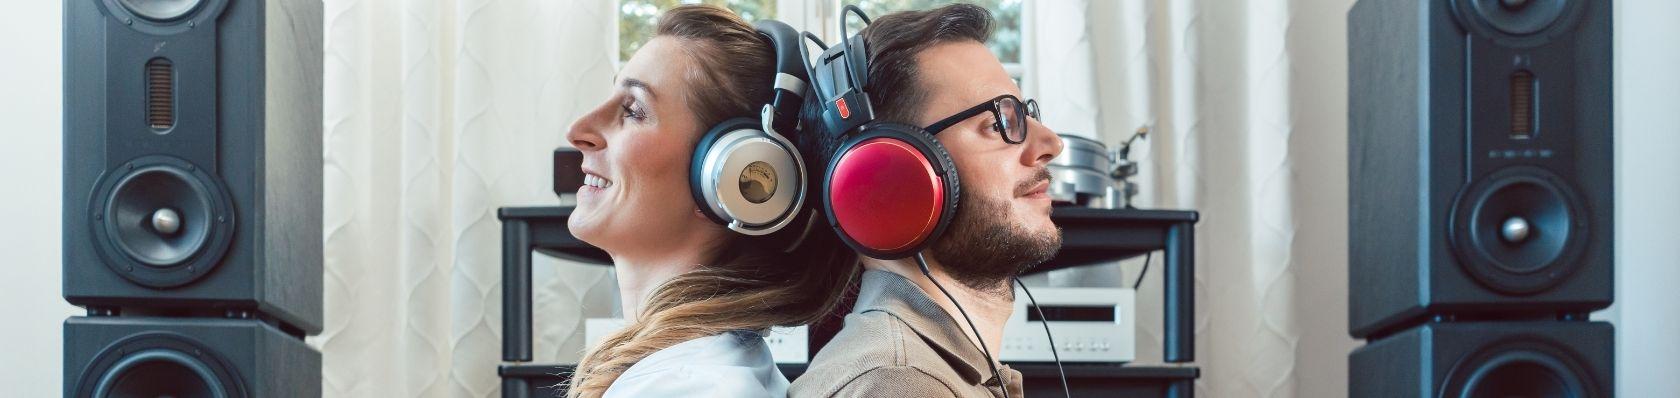 Produkte aus der Kategorie Audio & HiFi im Test auf ExpertenTesten.de